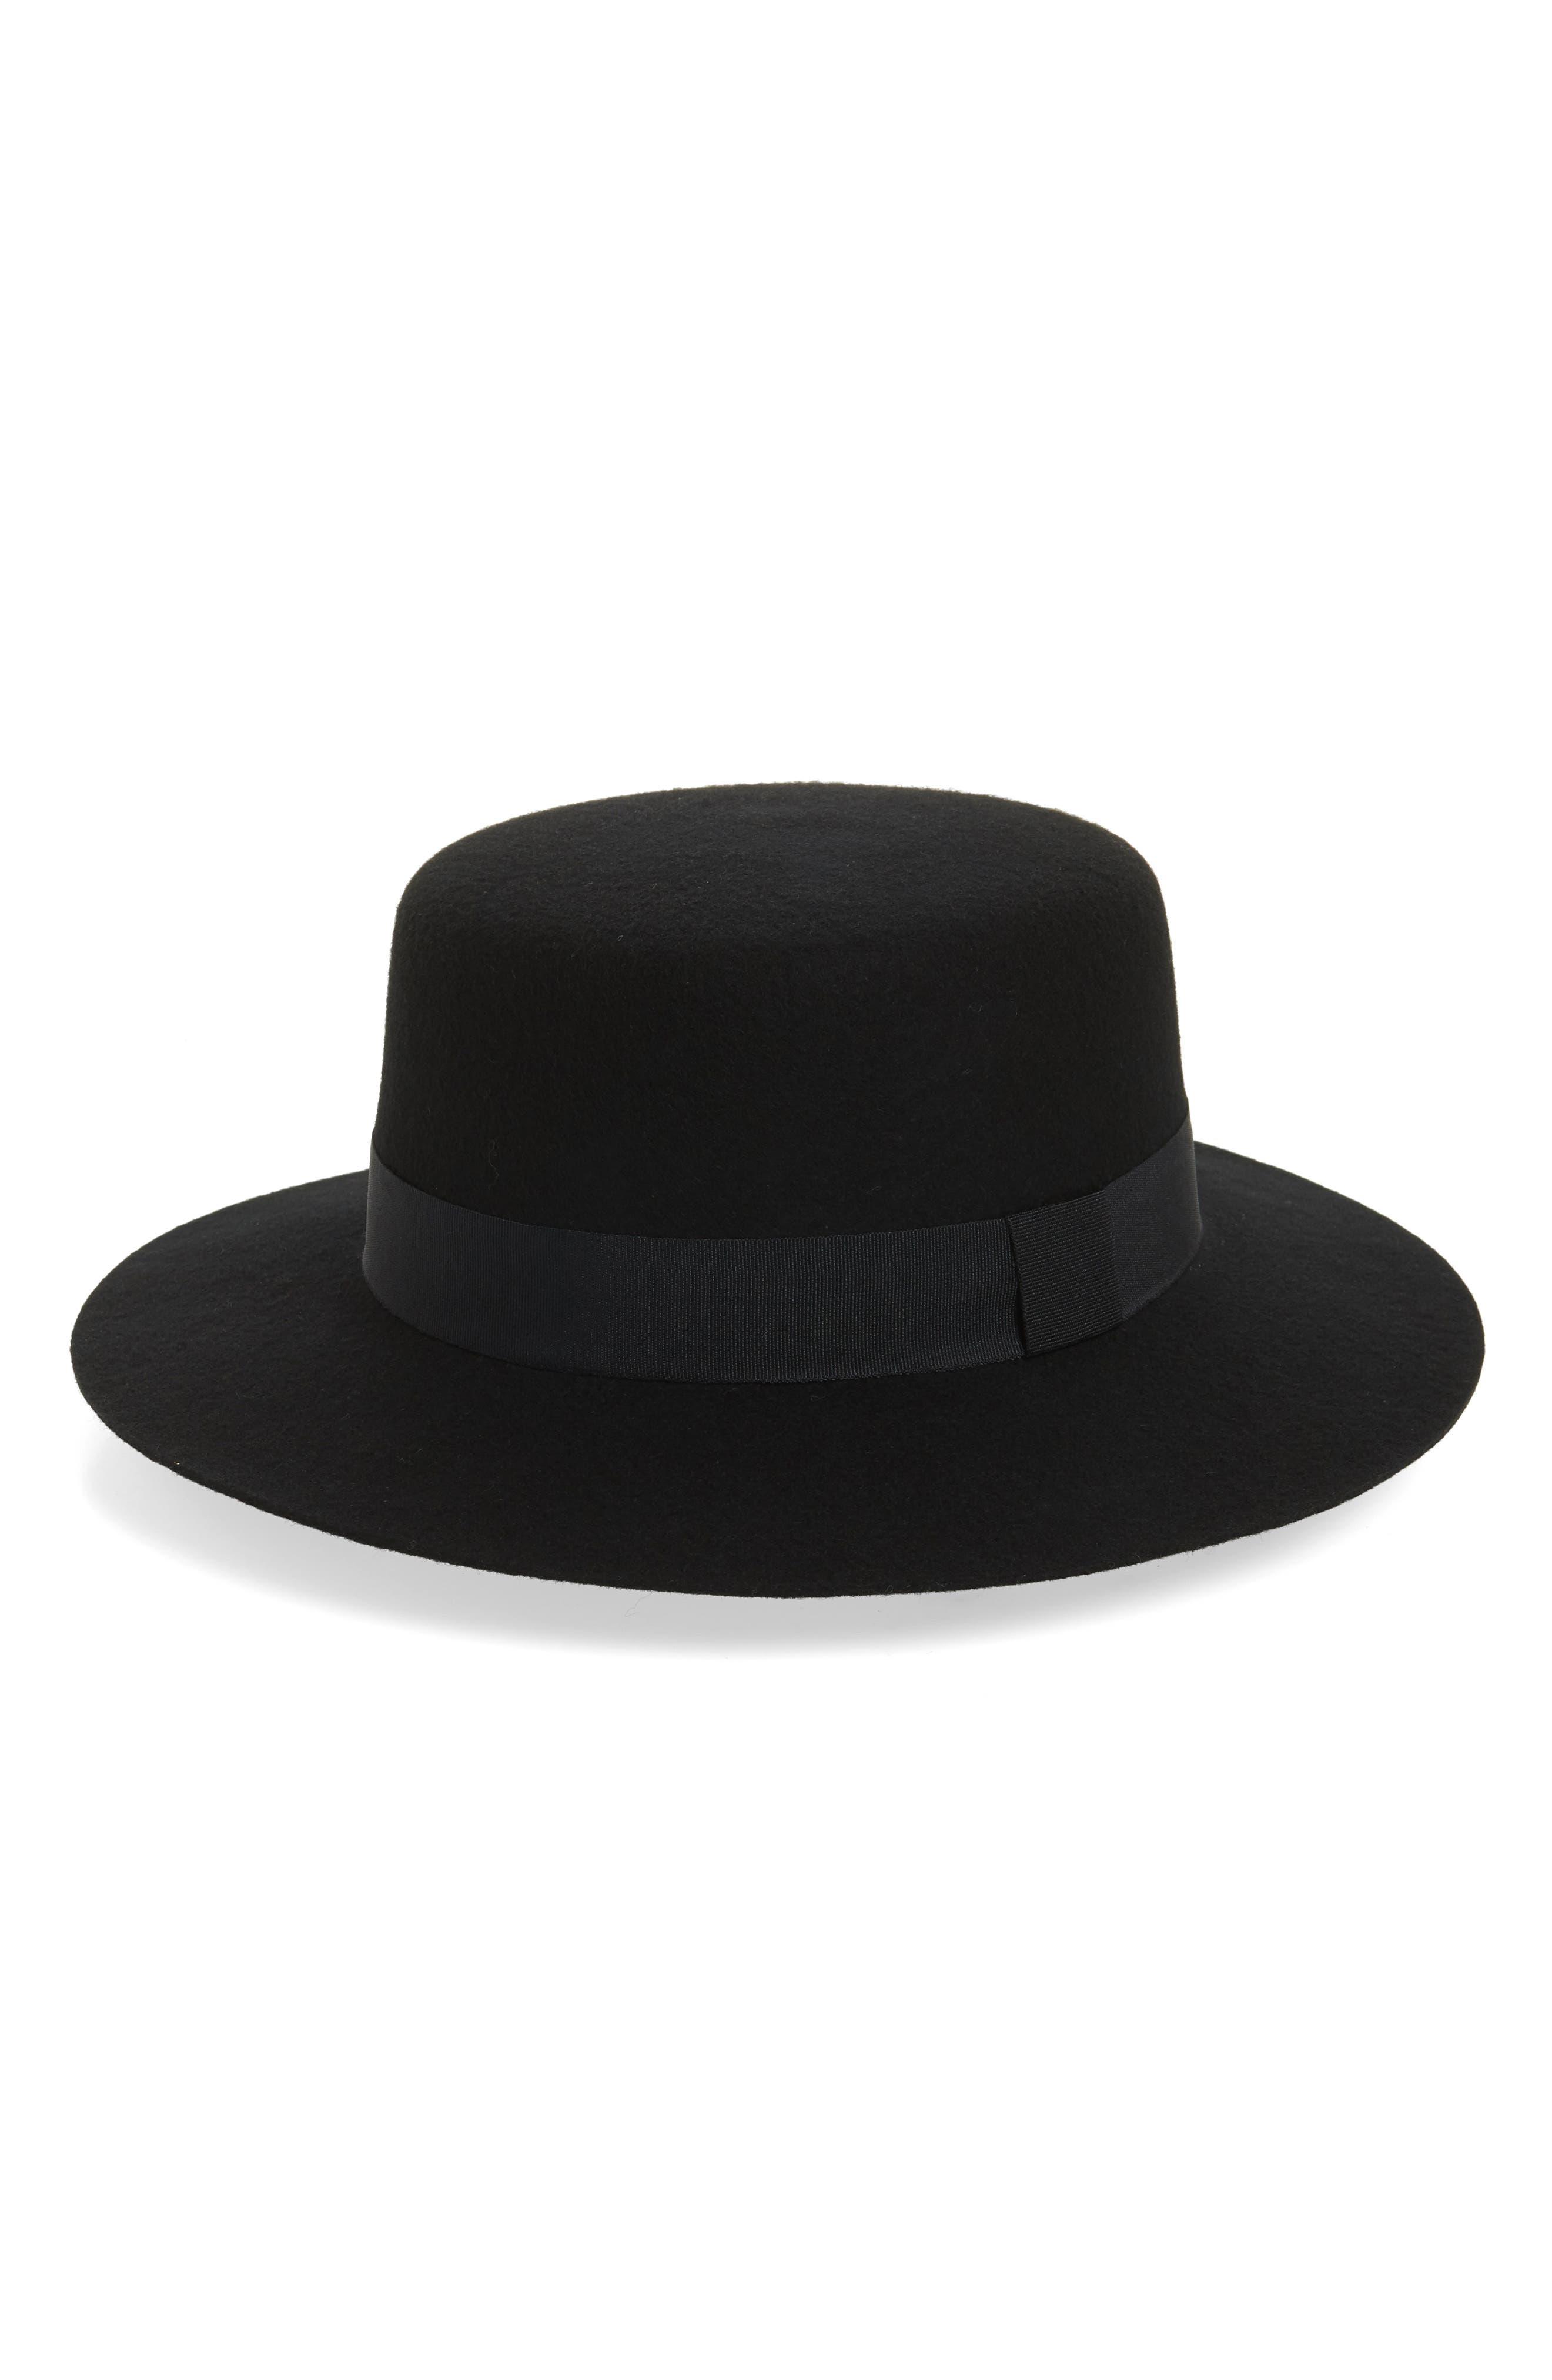 Wide Brim Felt Boater,                         Main,                         color, Black